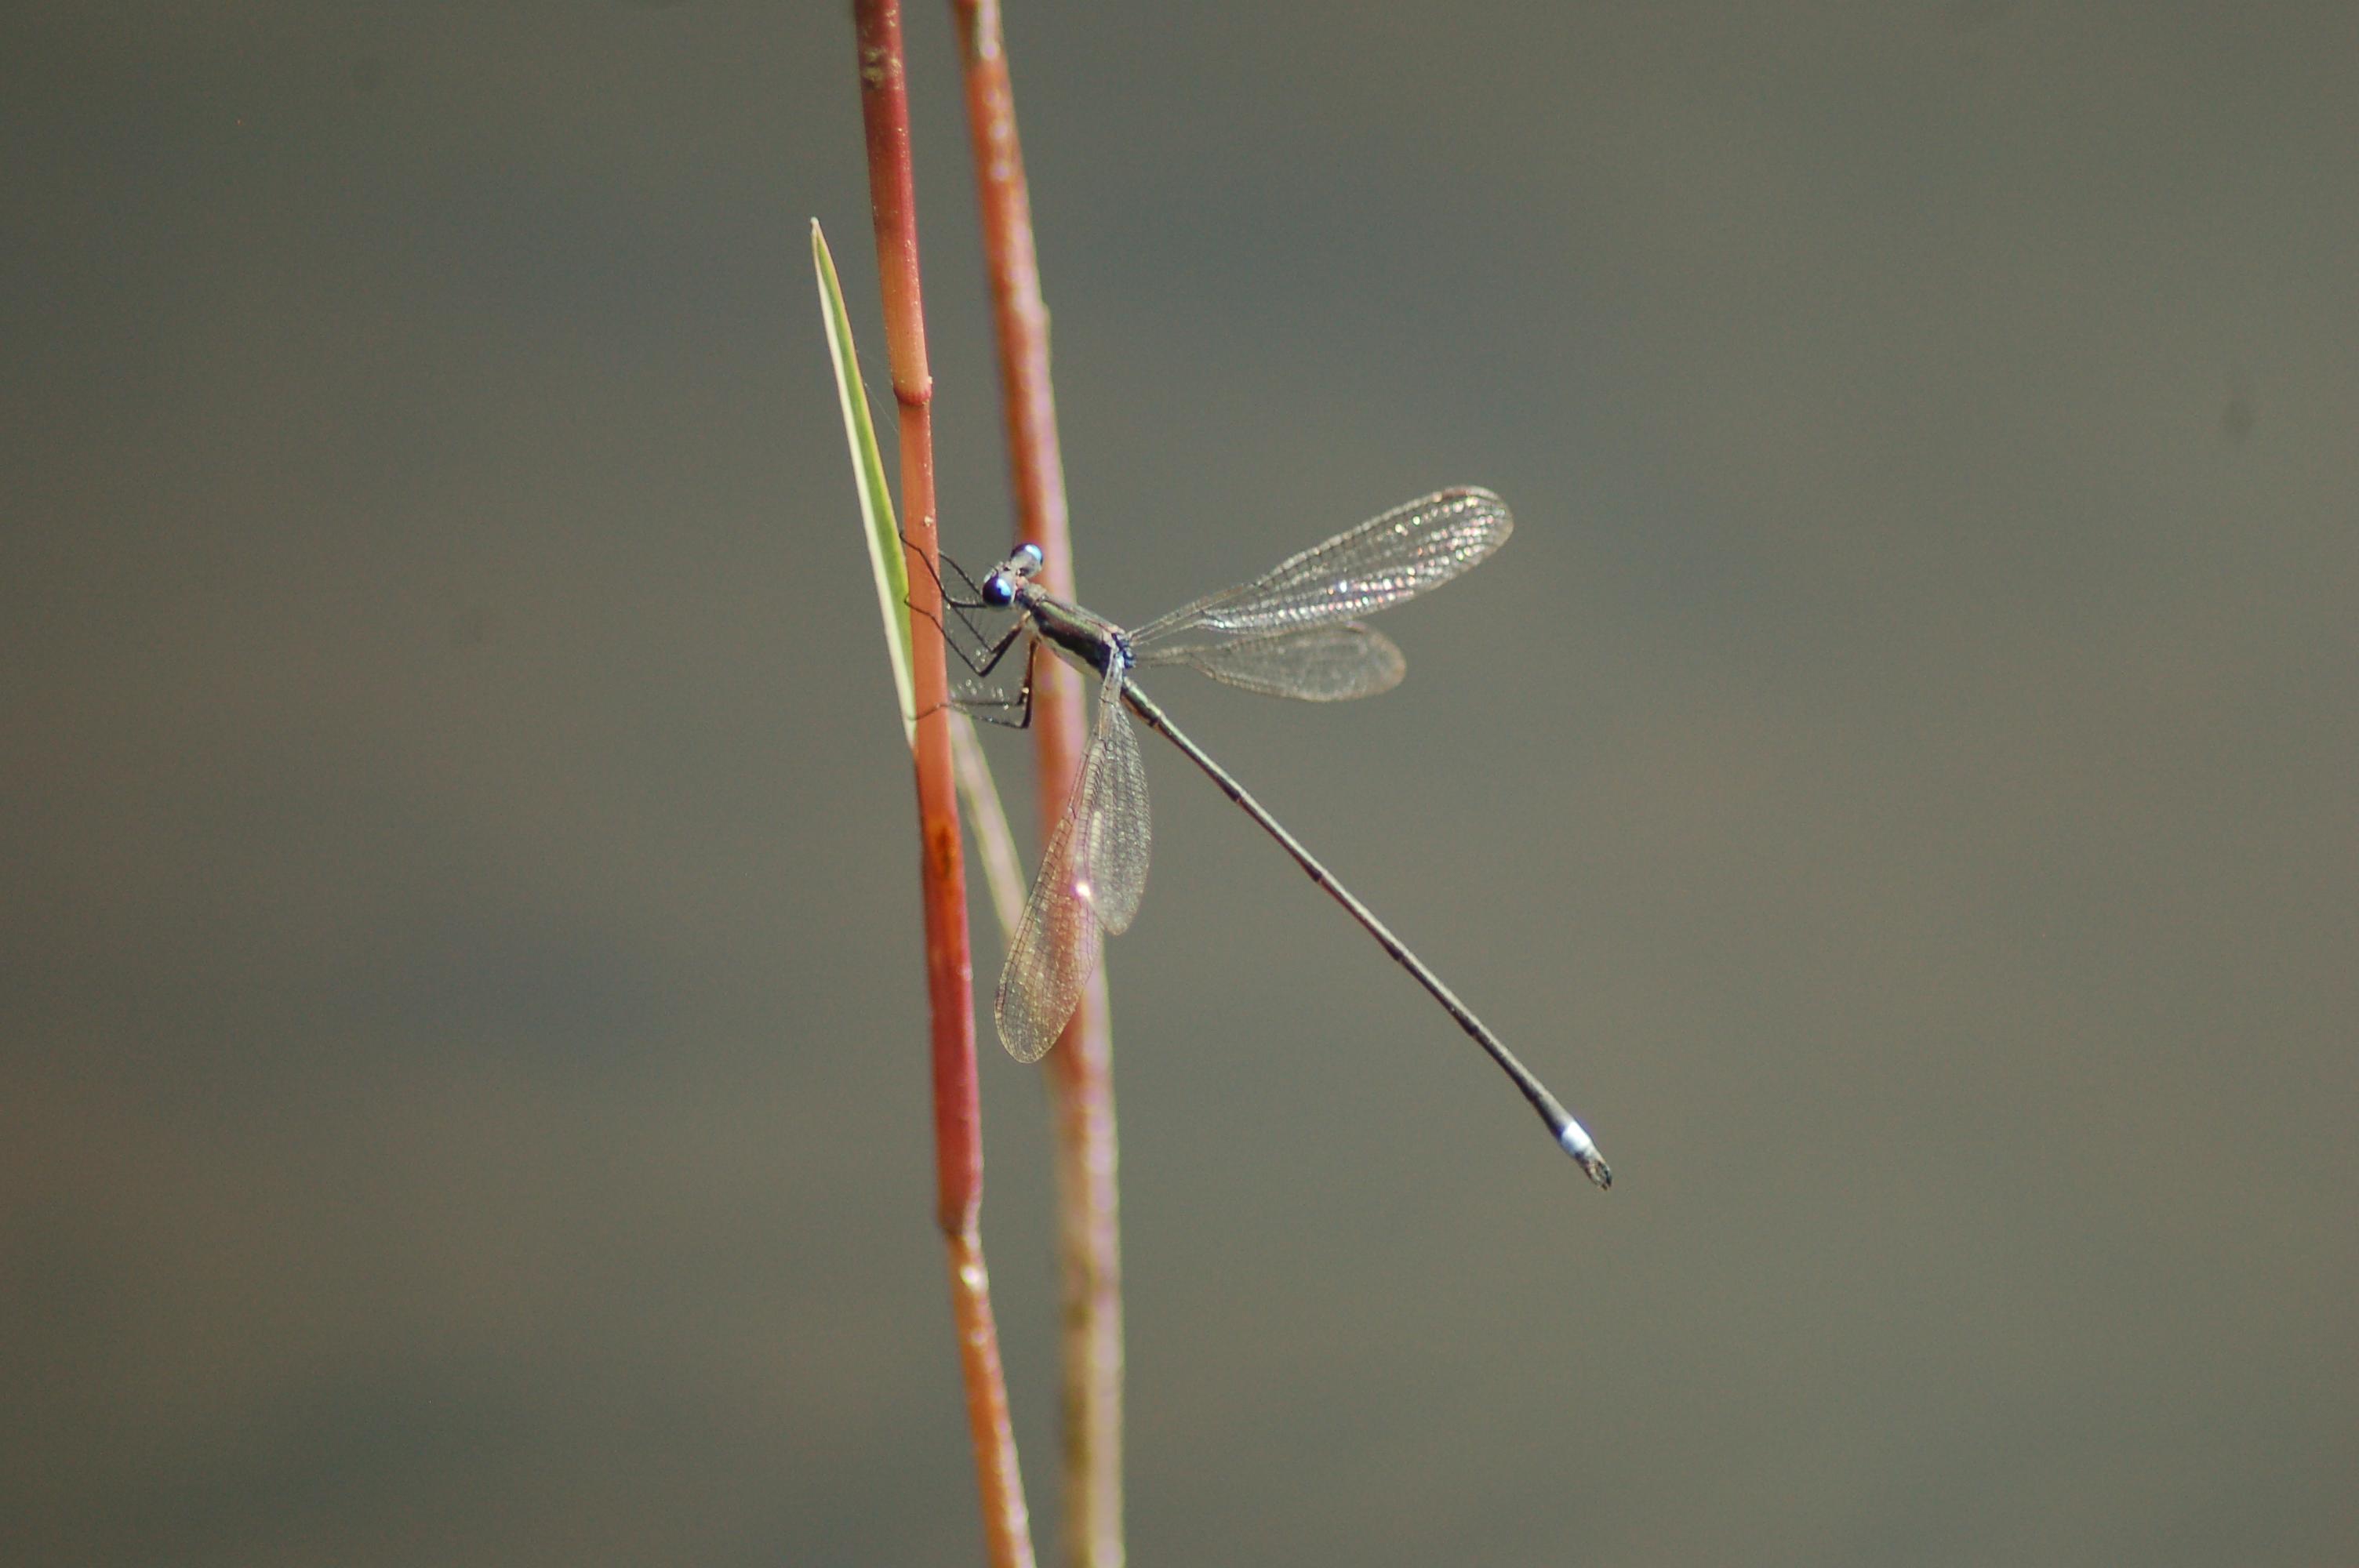 stock-photos-nature-small-linda-bateman-damselfly